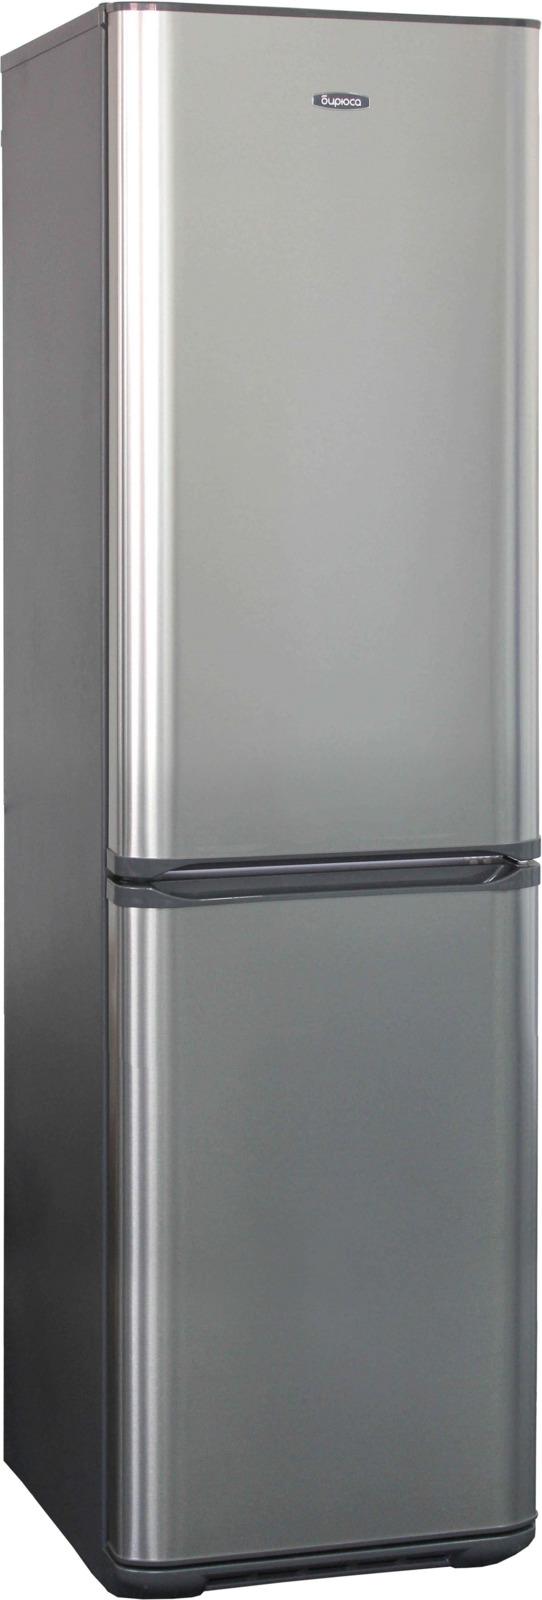 лучшая цена Холодильник Бирюса Б-I149, двухкамерный, нержавеющая сталь